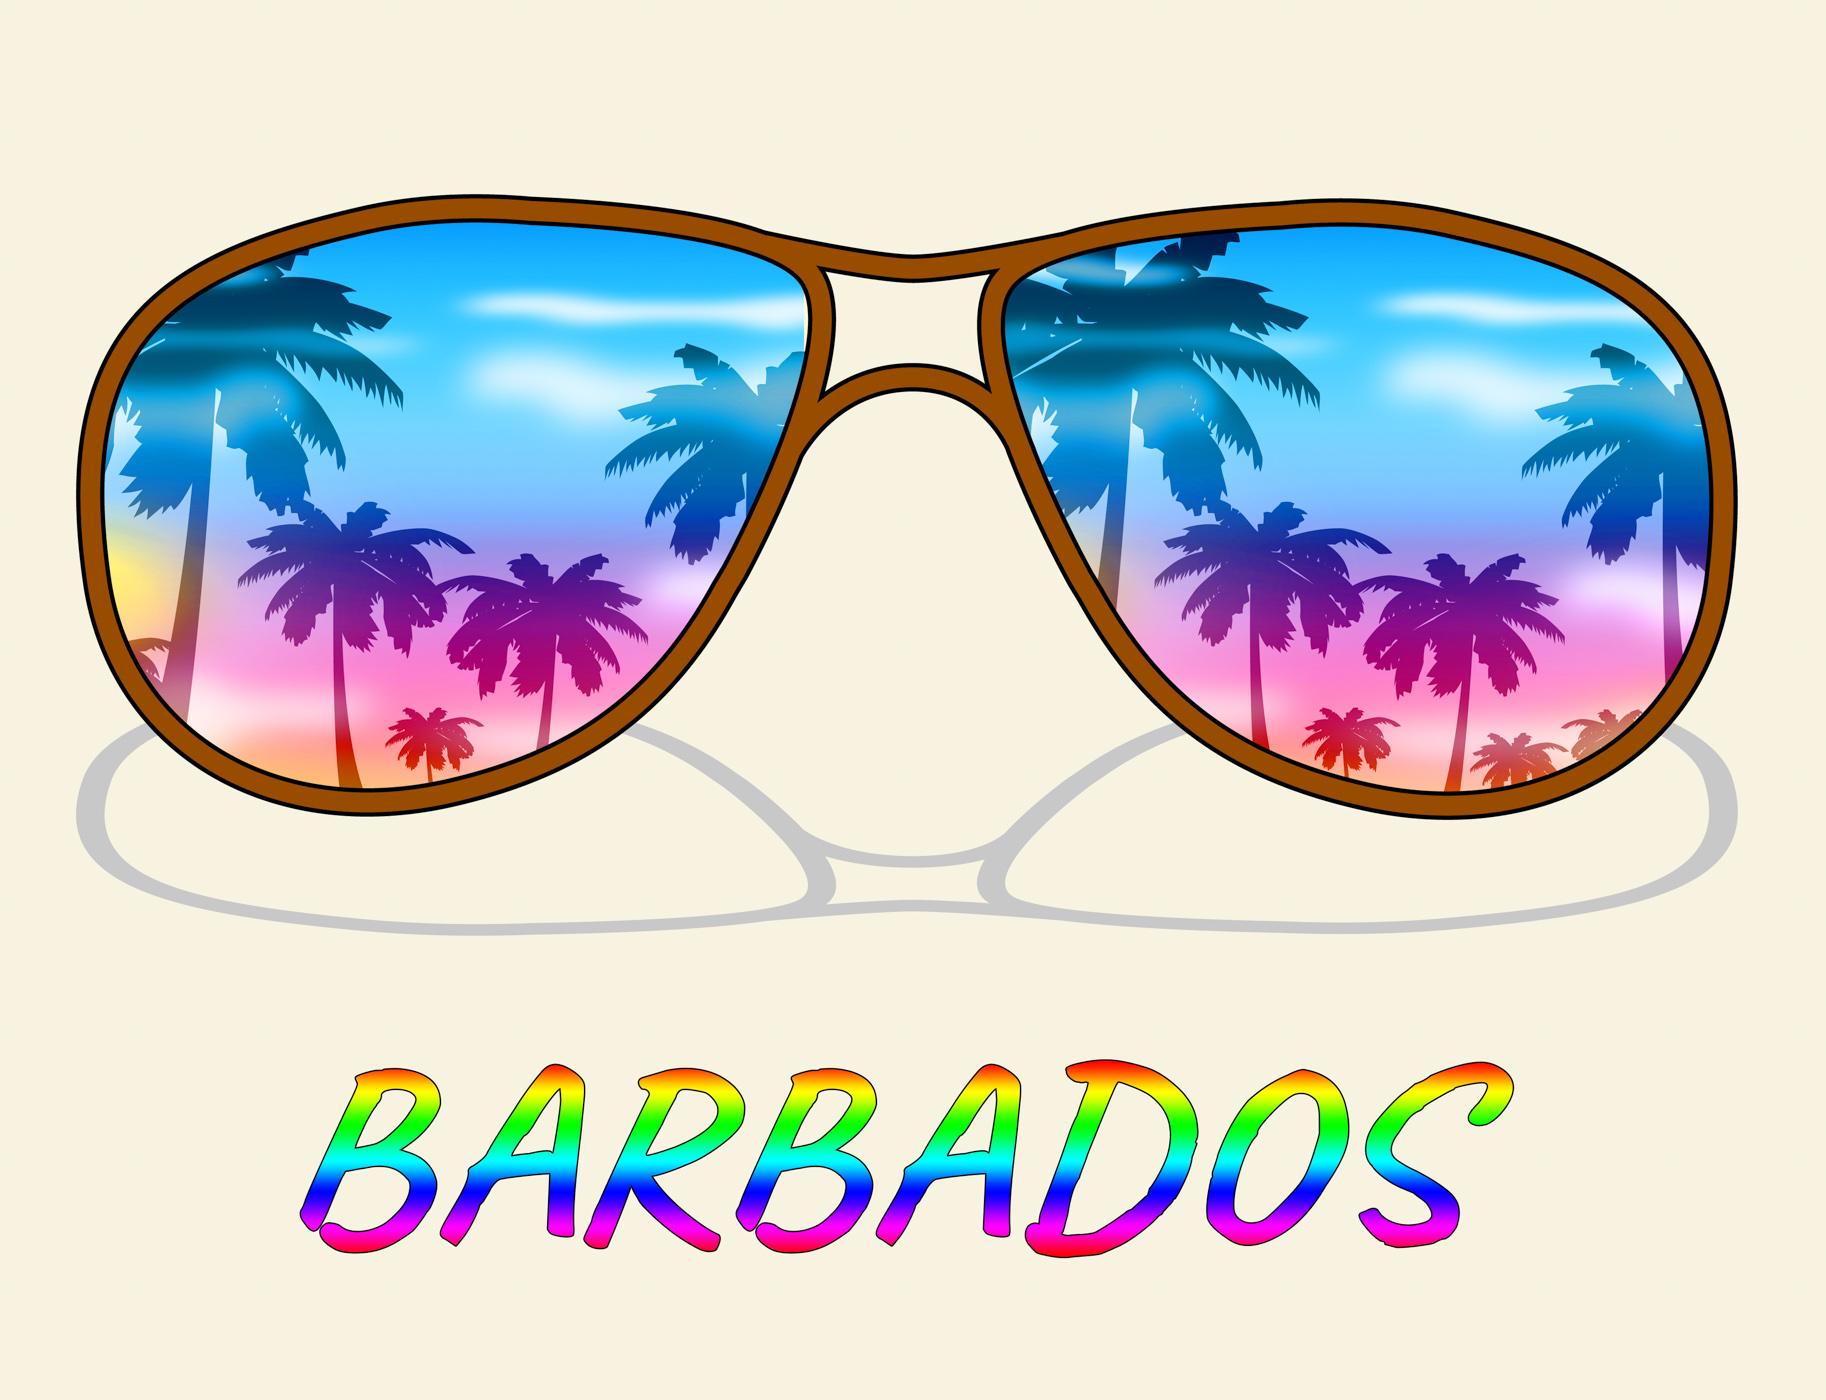 Barbados vacation indicates caribbean holiday and vacations photo